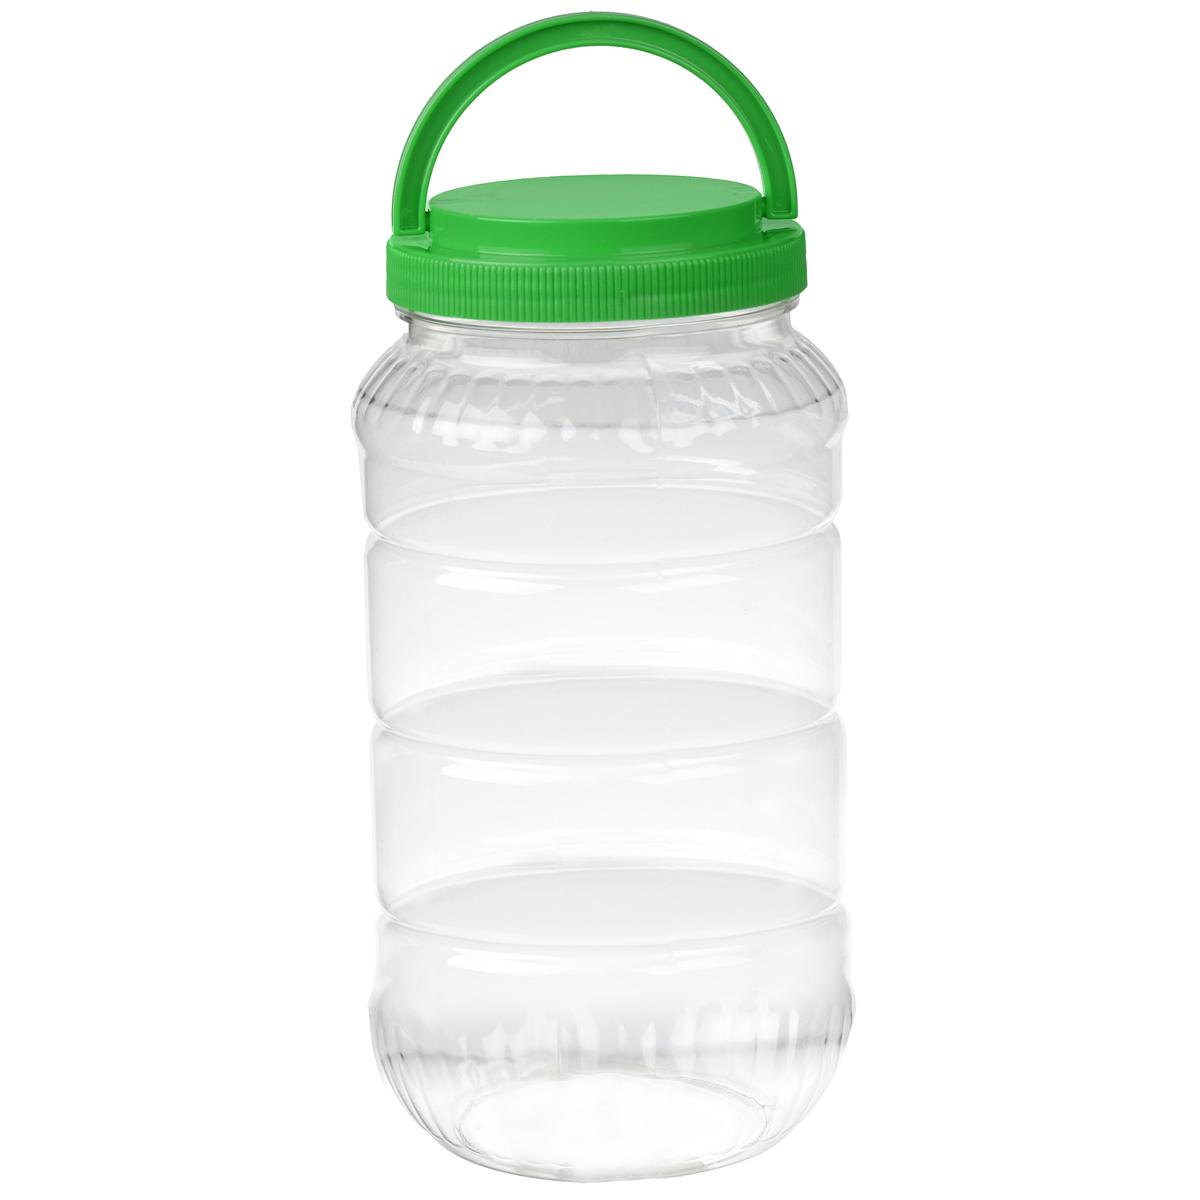 Емкость Альтернатива, с ручкой, цвет: зеленый, 3 лM957Емкость Альтернатива предназначена для хранения сыпучих продуктов или жидкостей. Выполнена из высококачественного пластика. Оснащена ручкой для удобной переноски.Диаметр: 10,5 см.Высота (без учета крышки): 25 см.